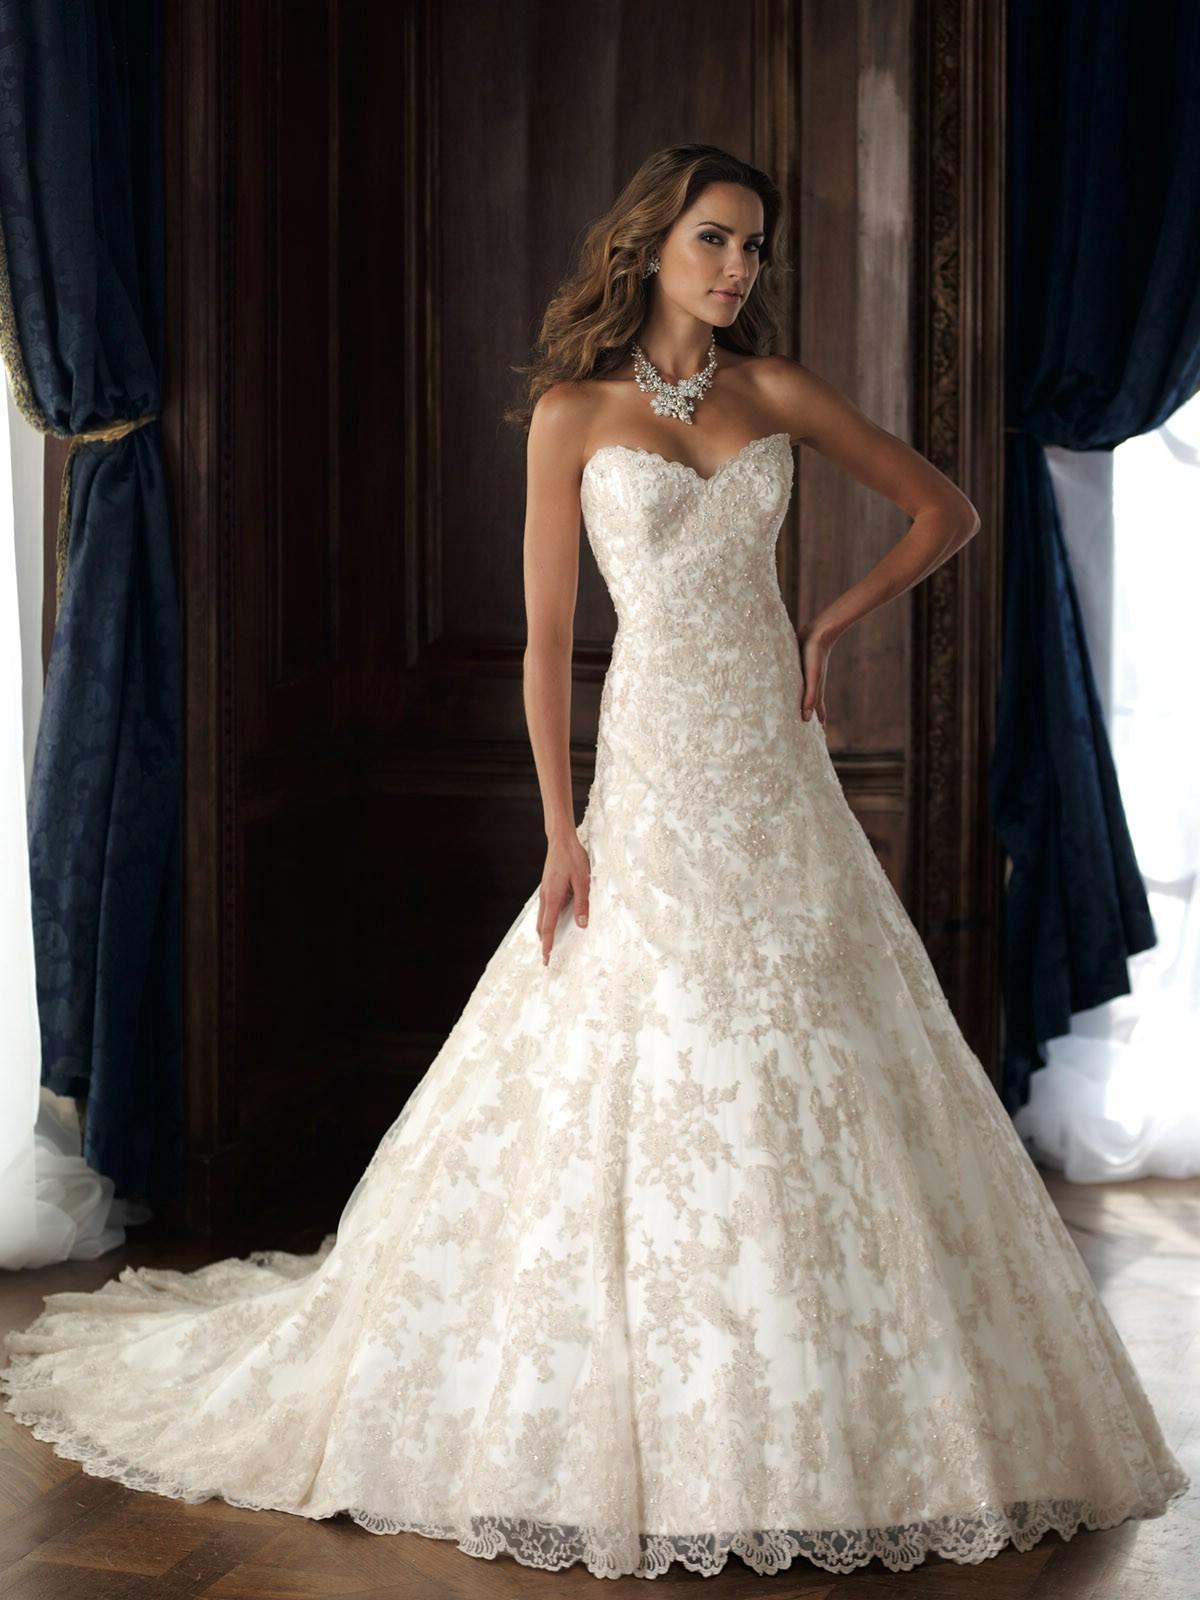 Petunia Свадебные платья  от David Tutera